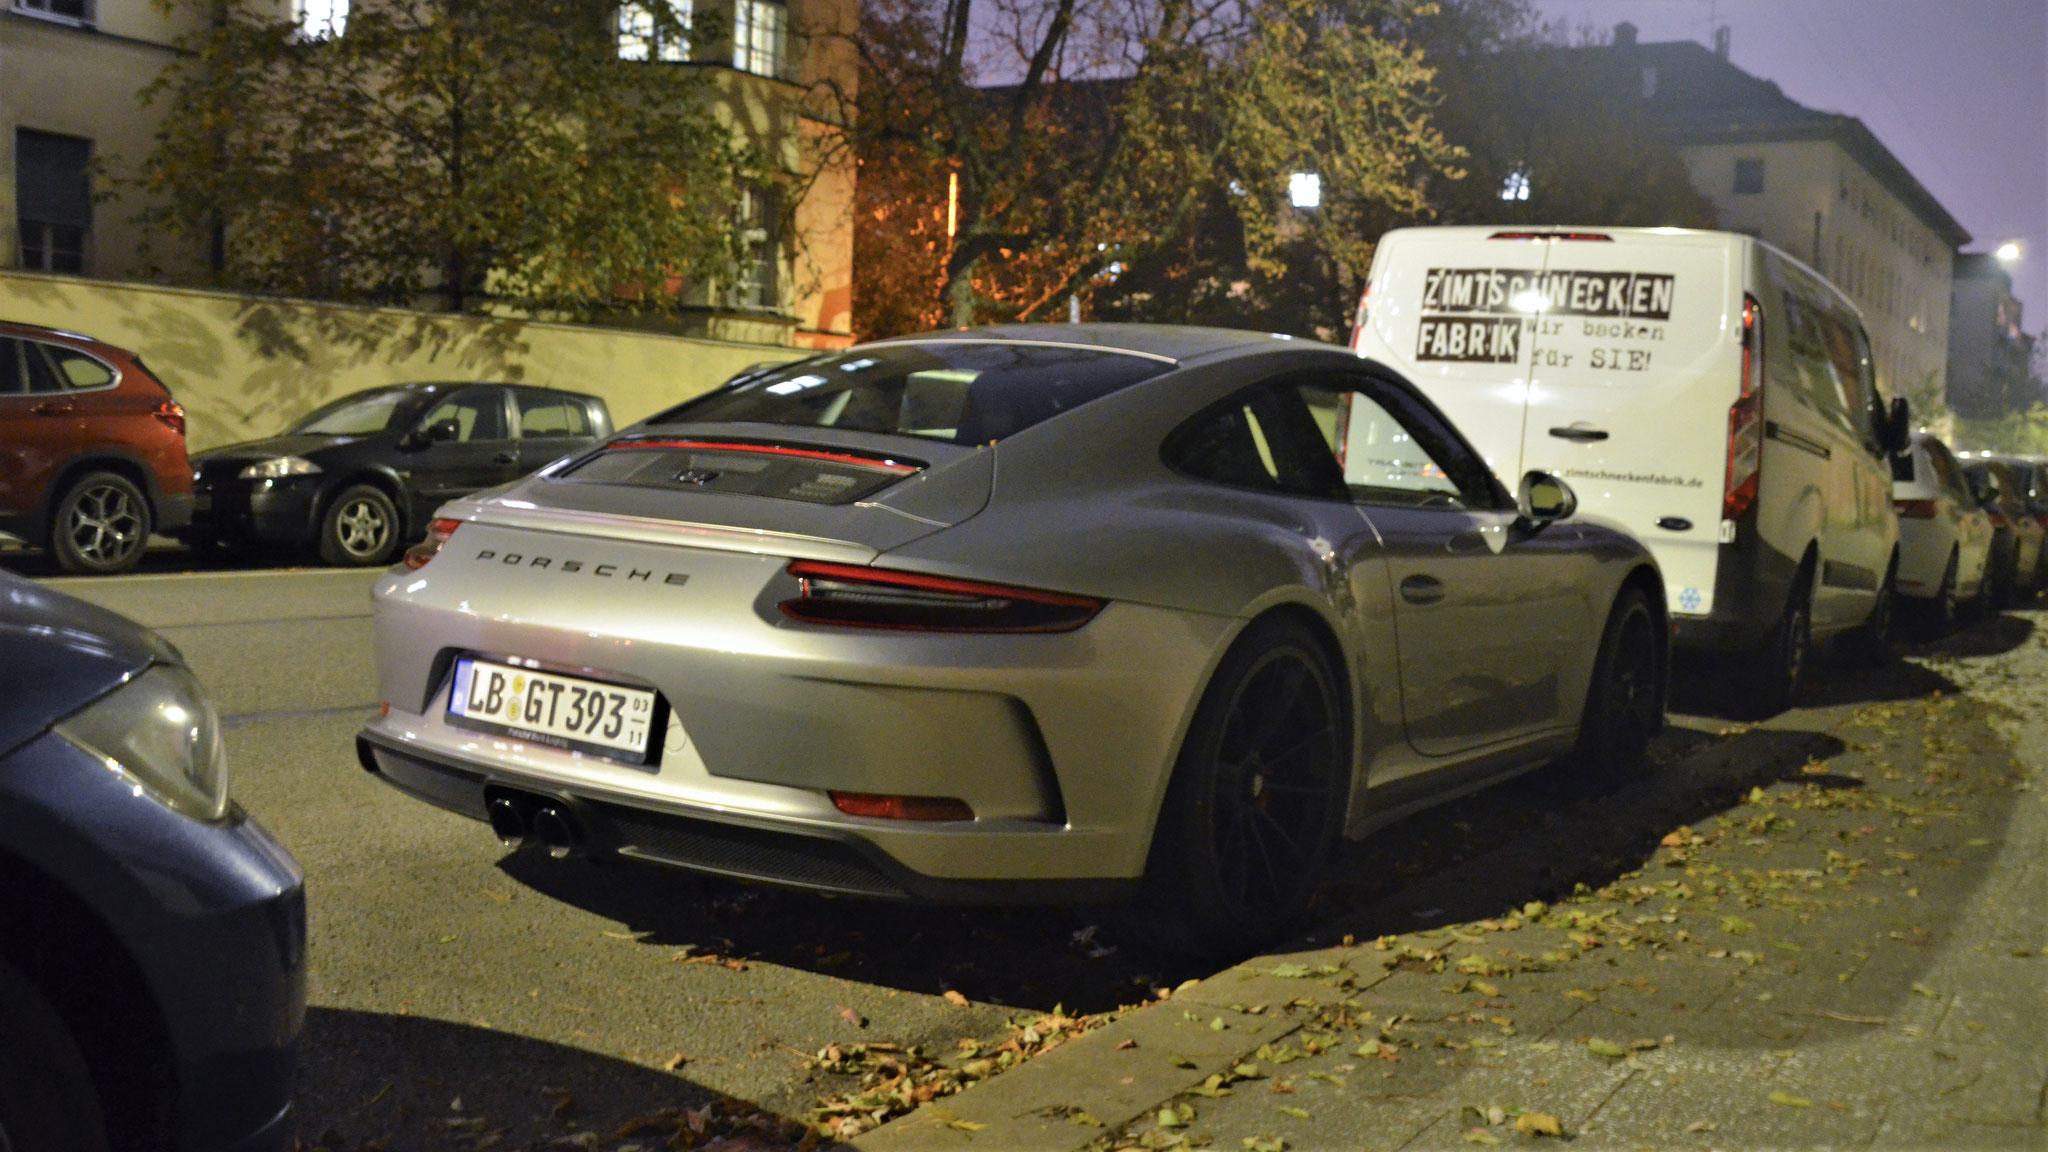 Porsche 991 GT3 Touring Package - LB-GT-393